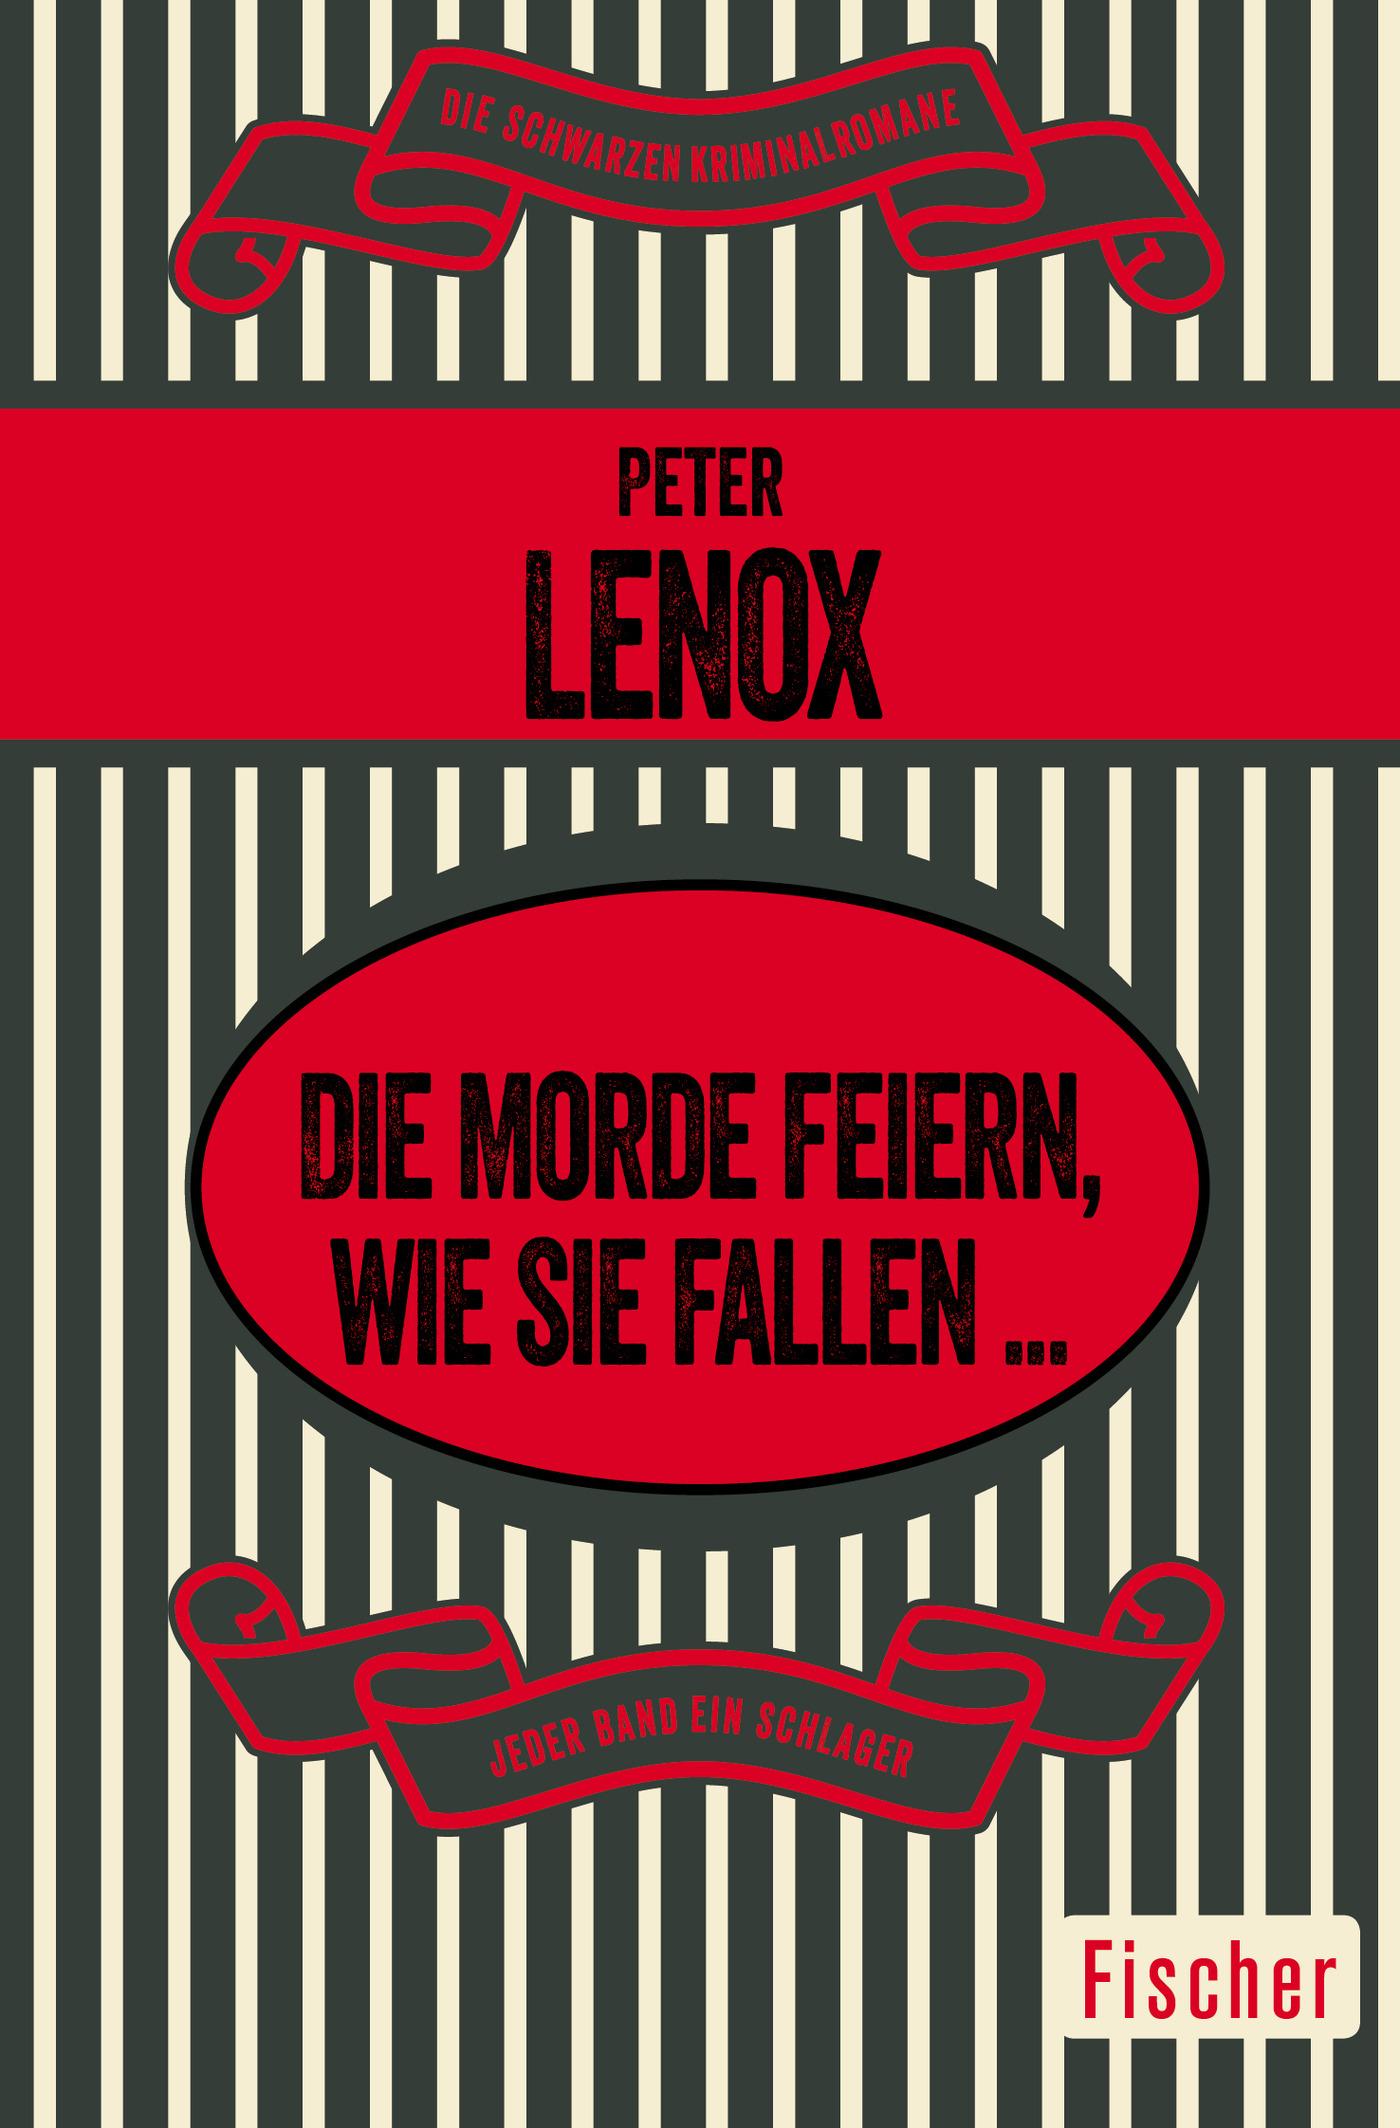 Die-Morde-feiern-wie-sie-fallen-Peter-Lenox